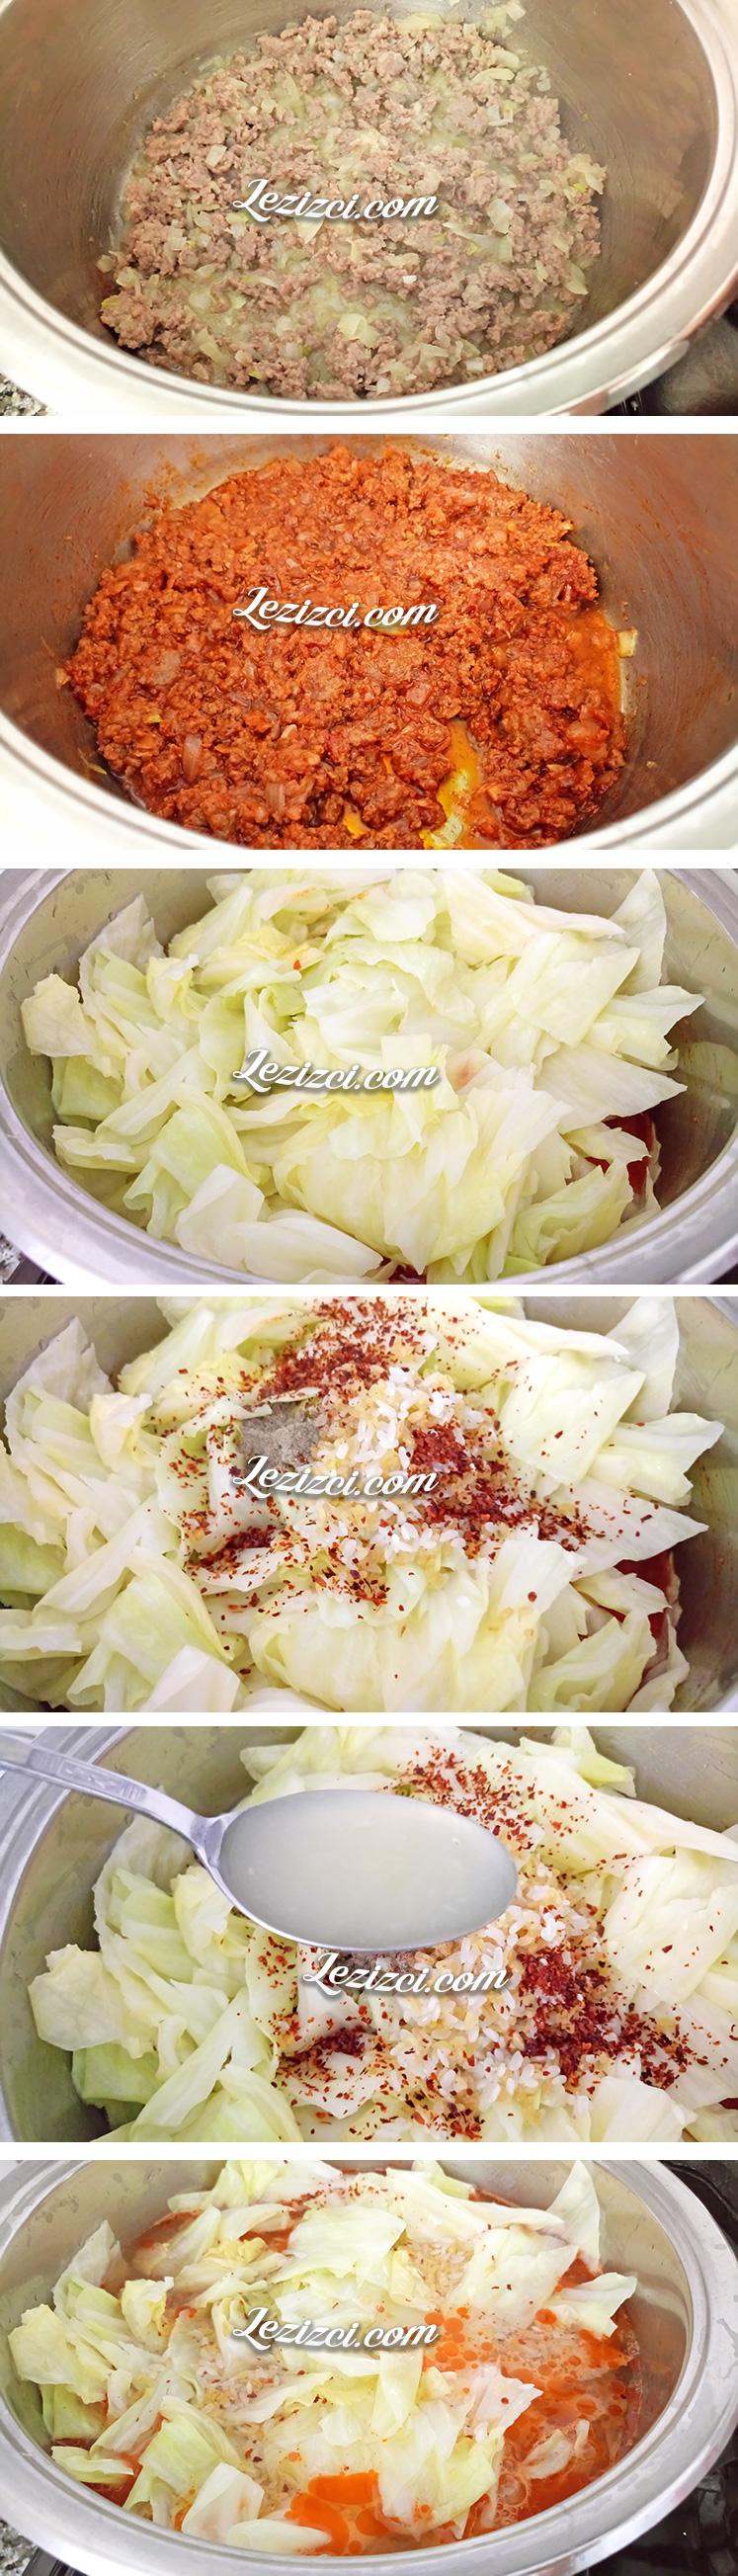 Kıymalı Lahana - Kapuska Yemeği Nasıl Yapılır